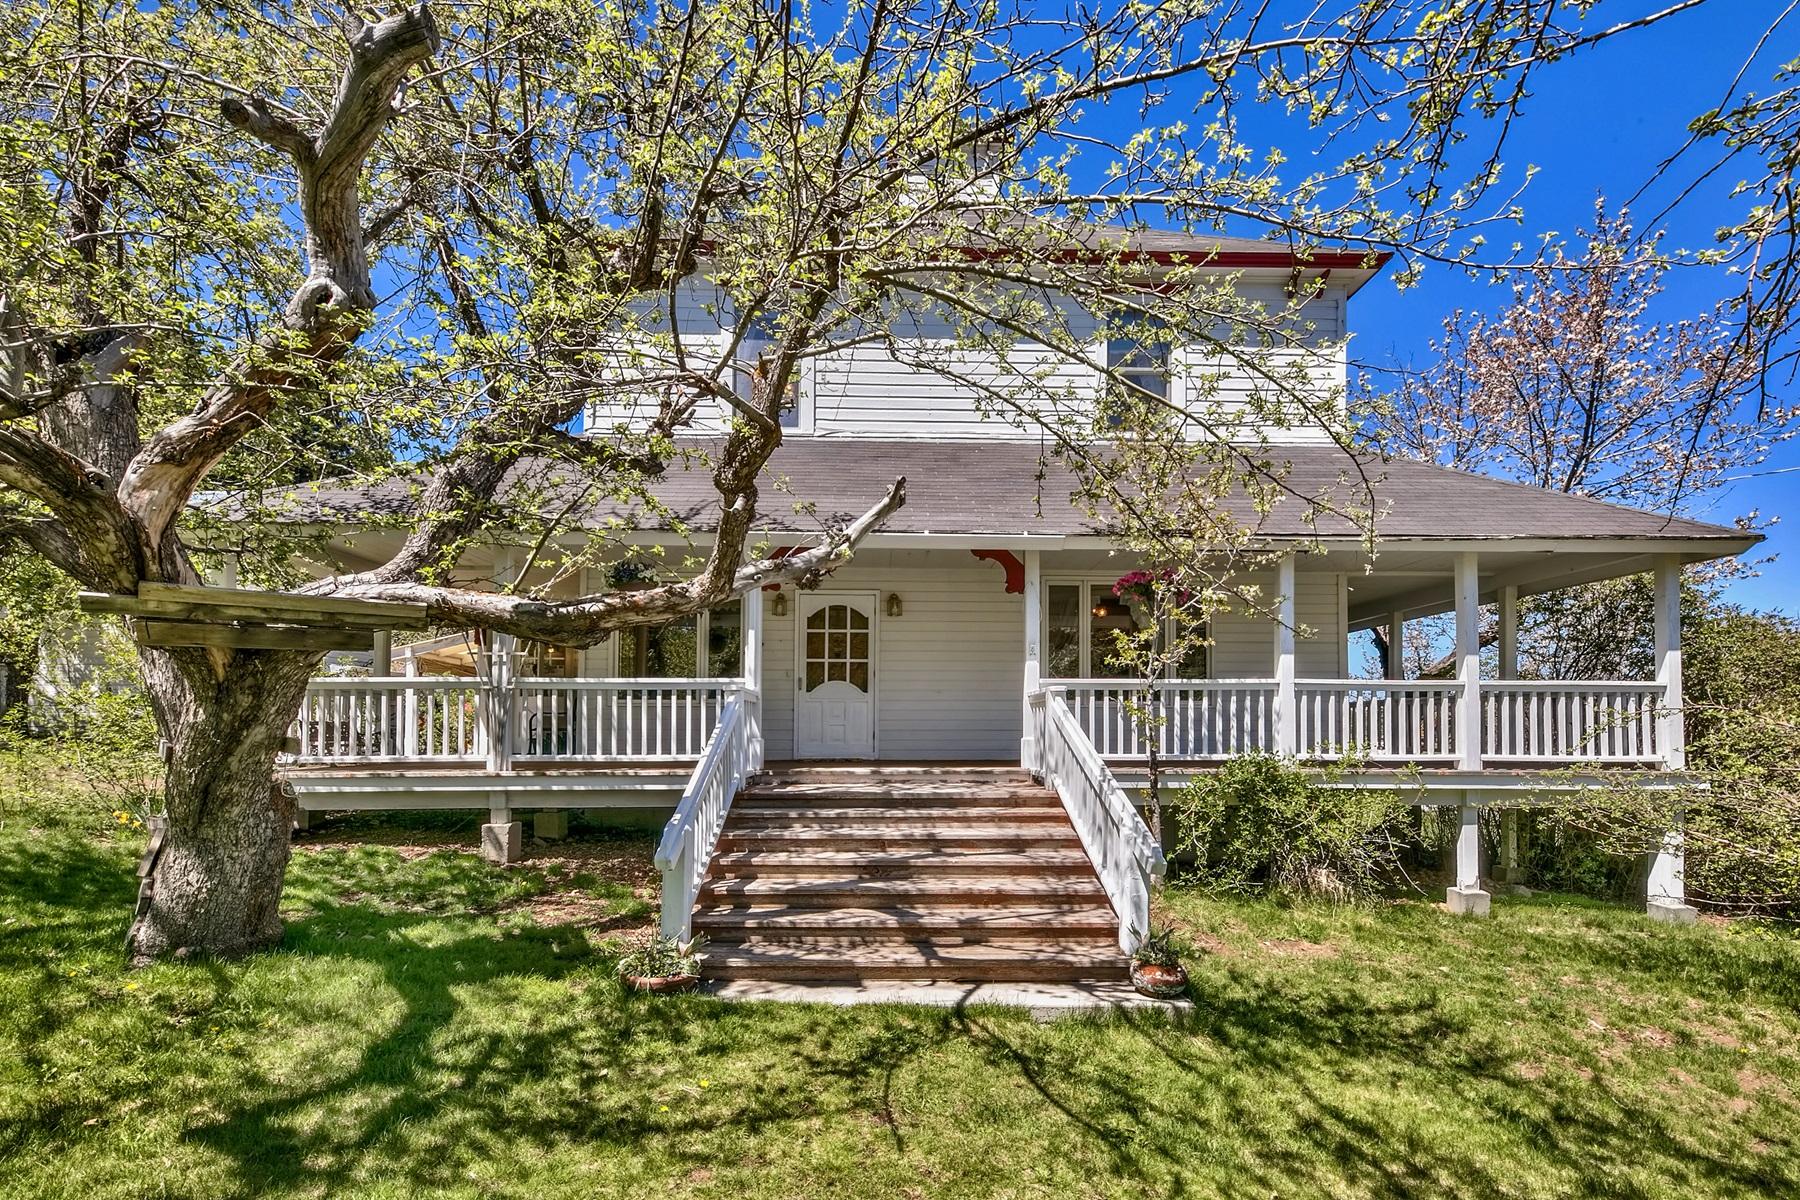 Casa Unifamiliar por un Venta en 202-206 West Willow Street, Sierraville, CA 202-206 West Willow Street Sierraville, California 96126 Estados Unidos